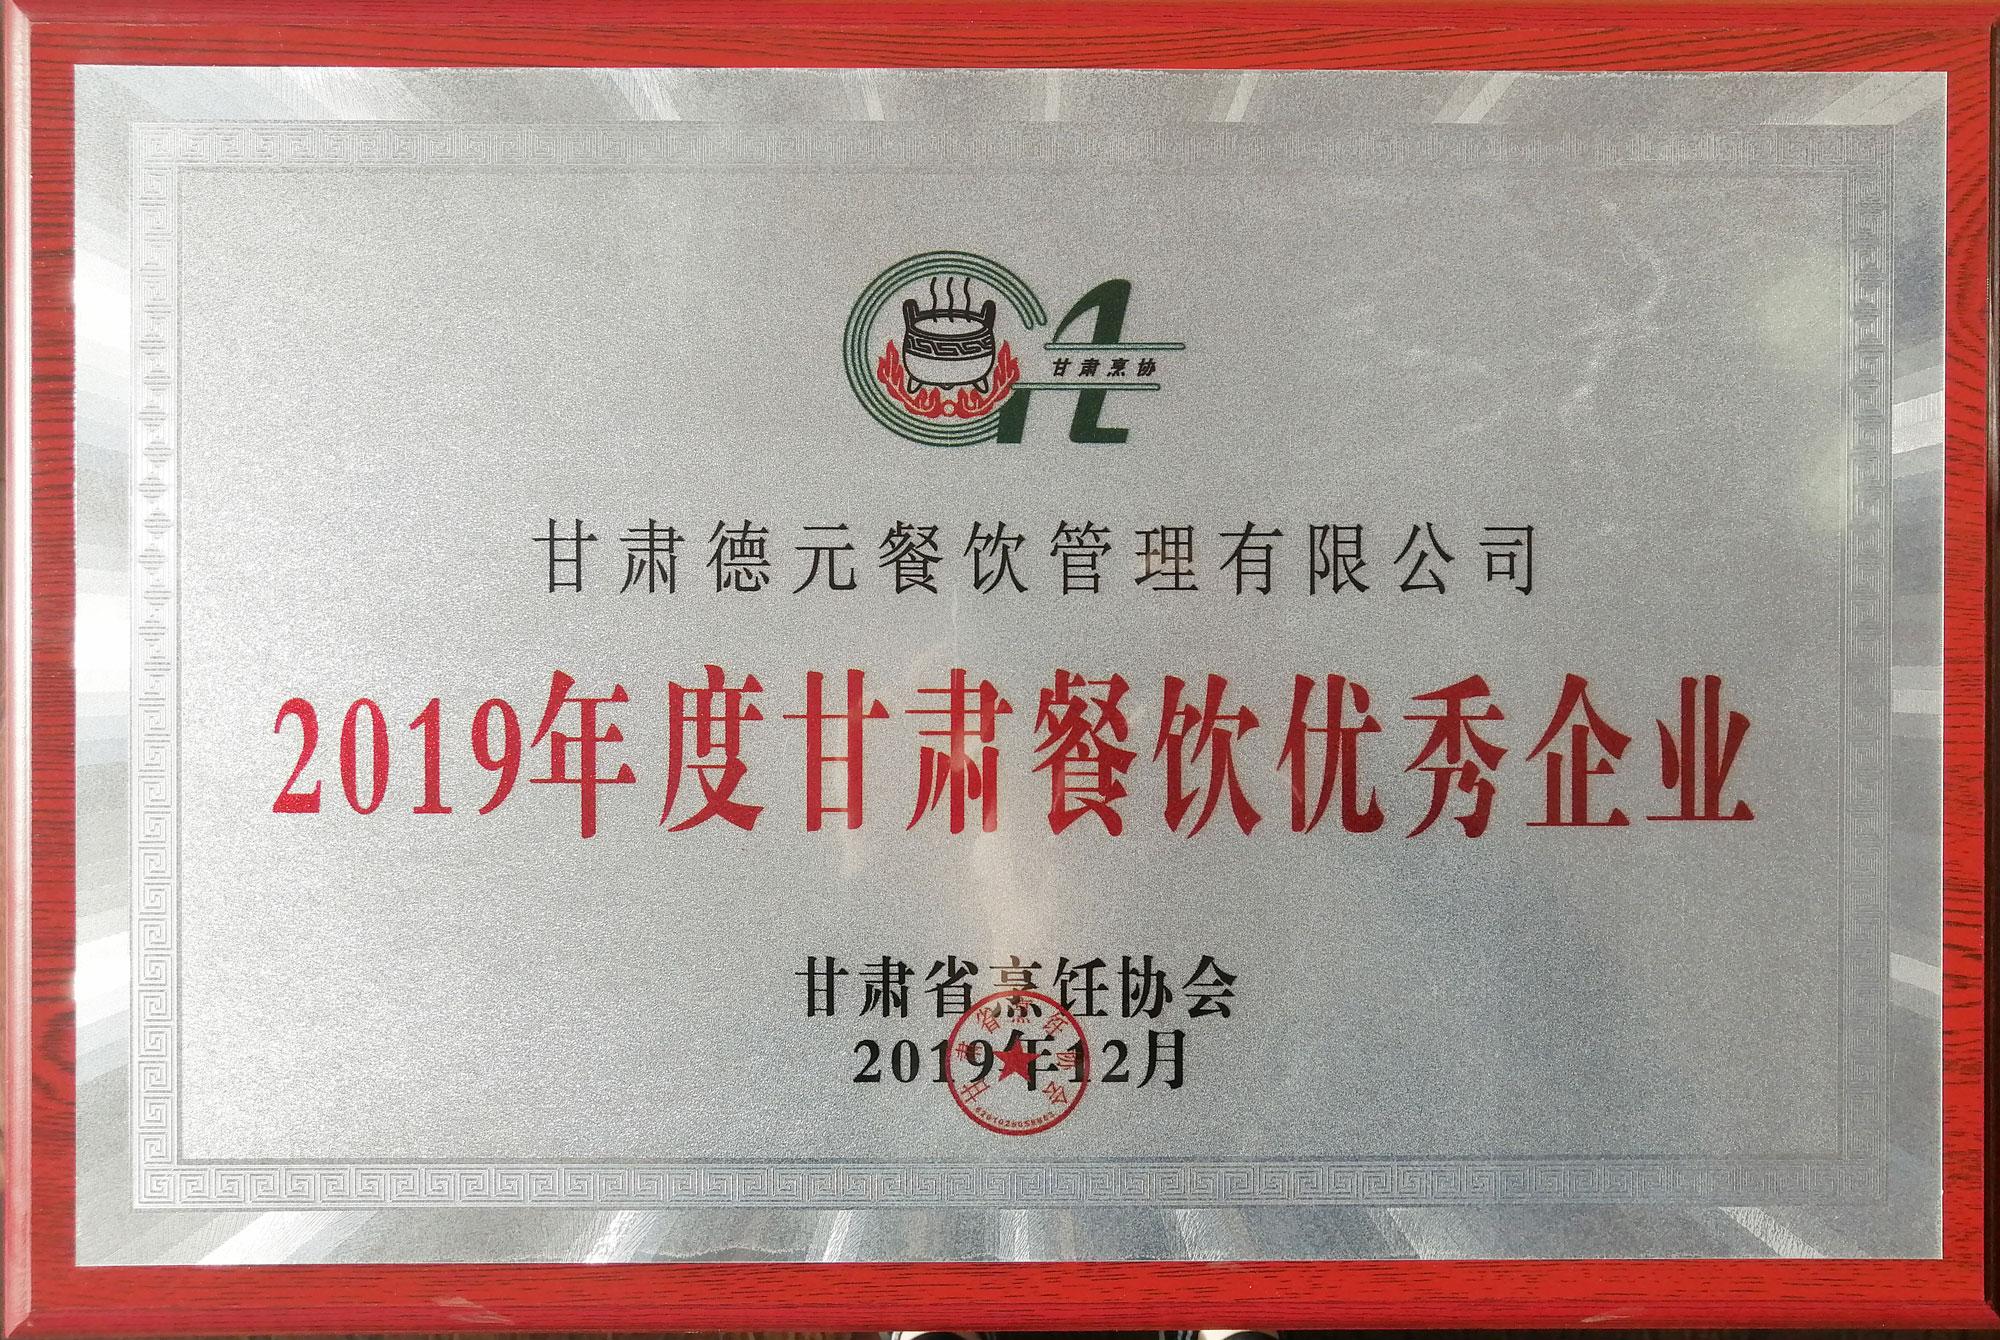 2019年度甘肃餐饮优秀企业